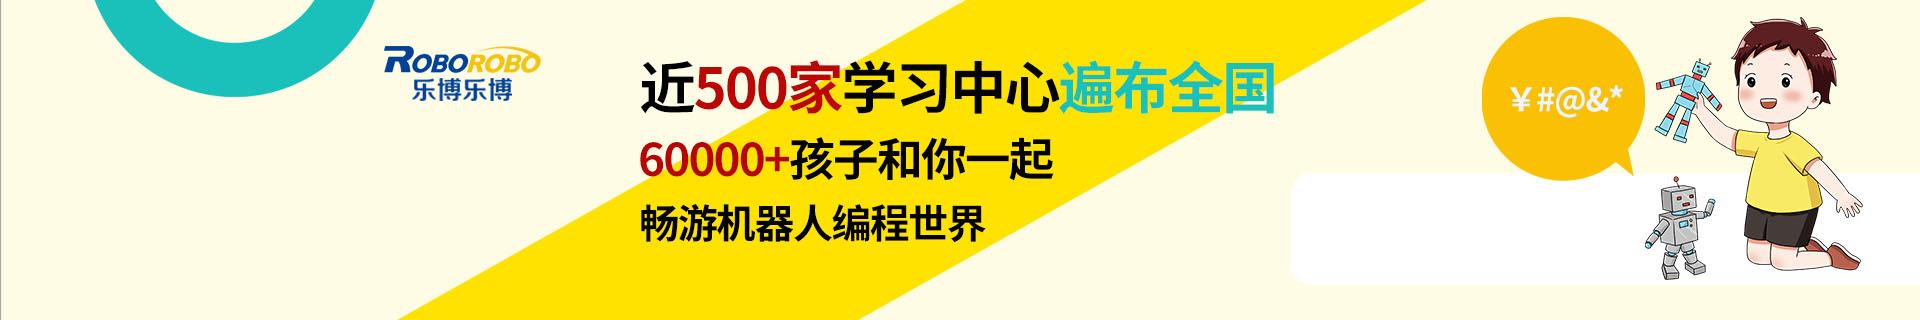 江门蓬江区乐博乐博机器人编程